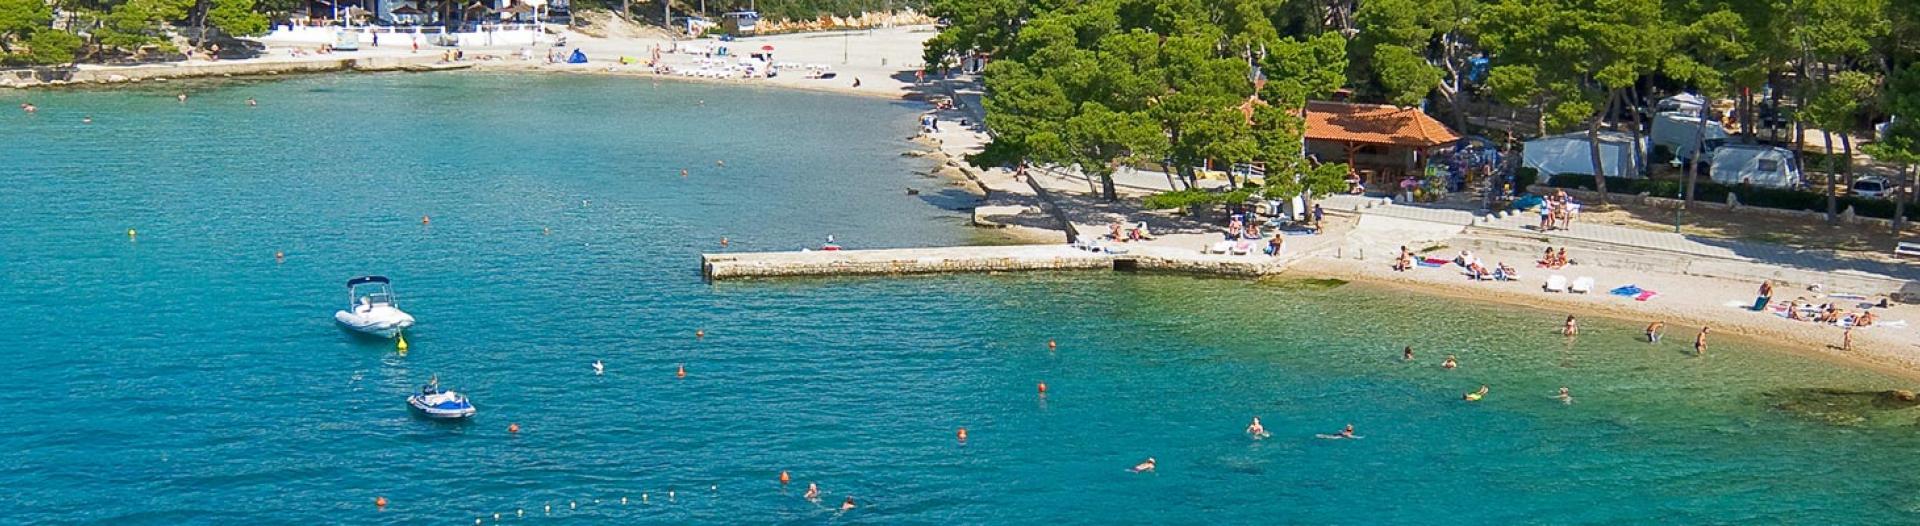 slider-cote-dalmate-croatie